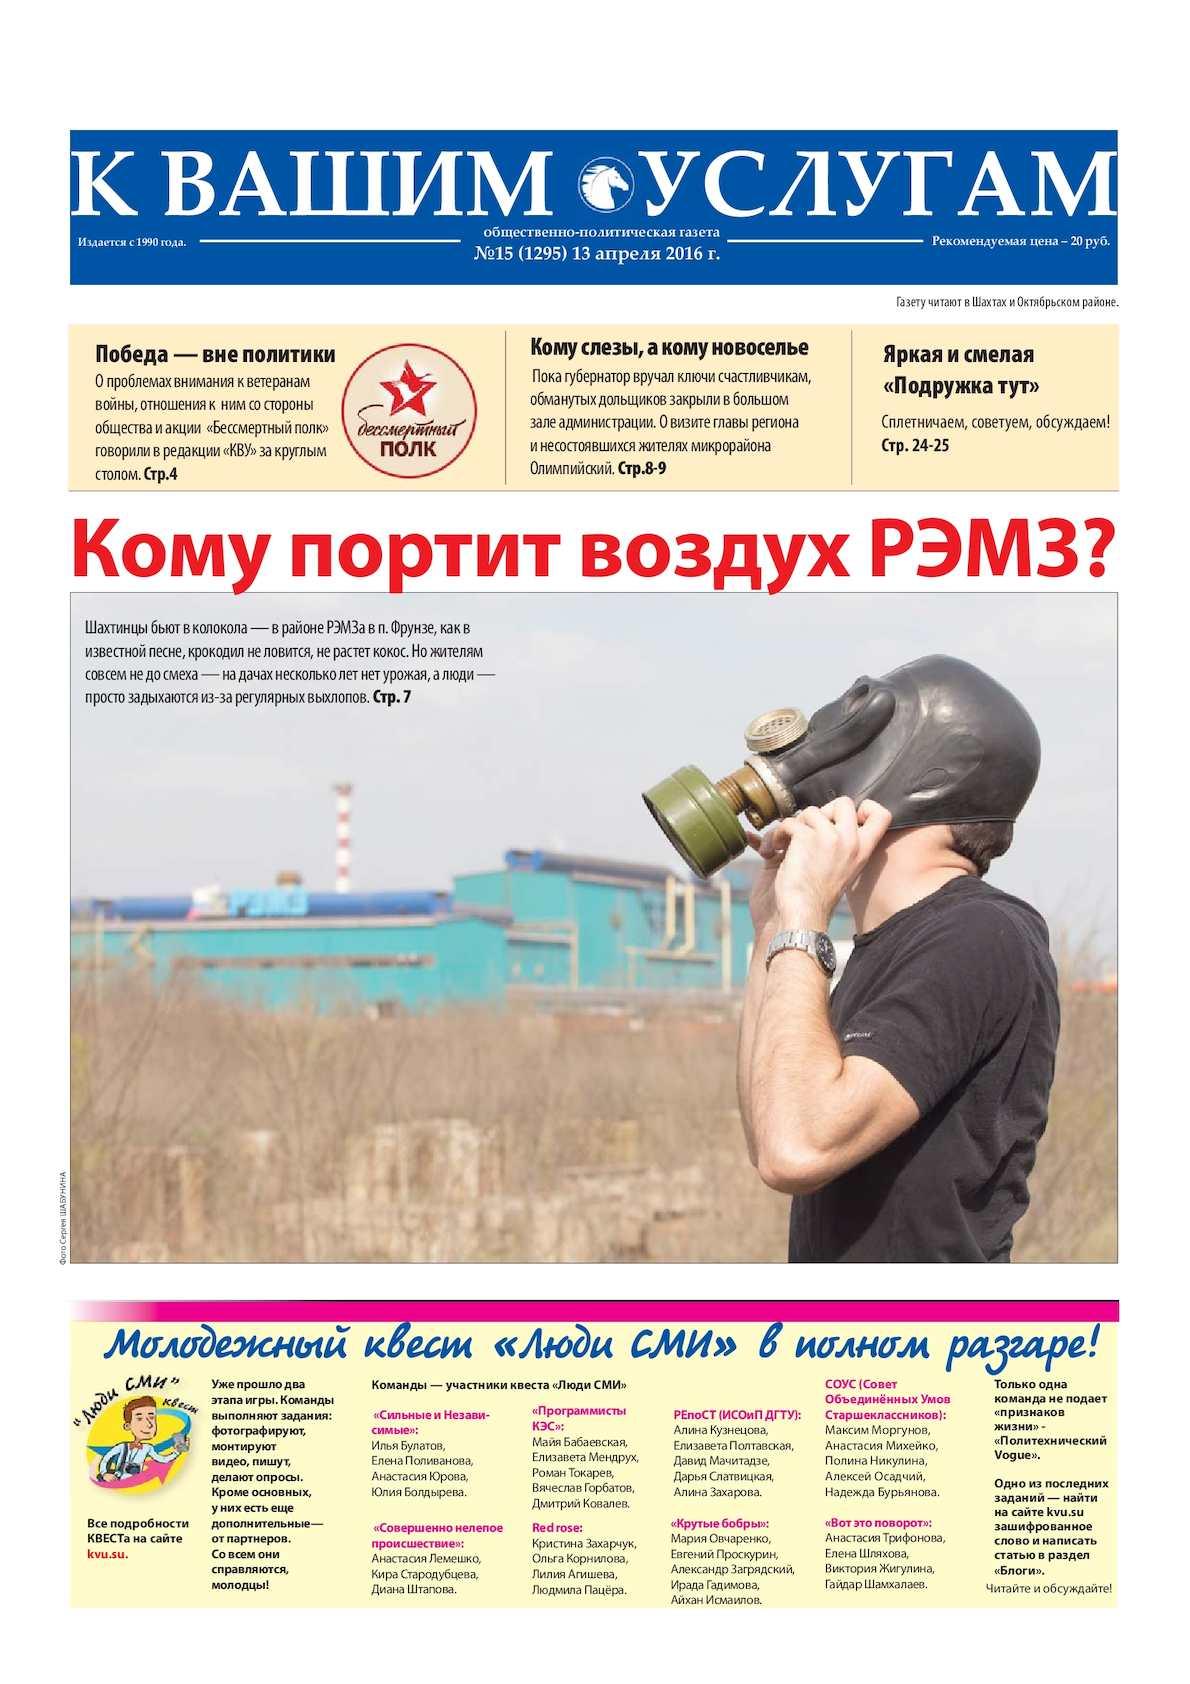 361efbc23e04 Calaméo - Газета КВУ №15 от 13 апреля 2016 г.